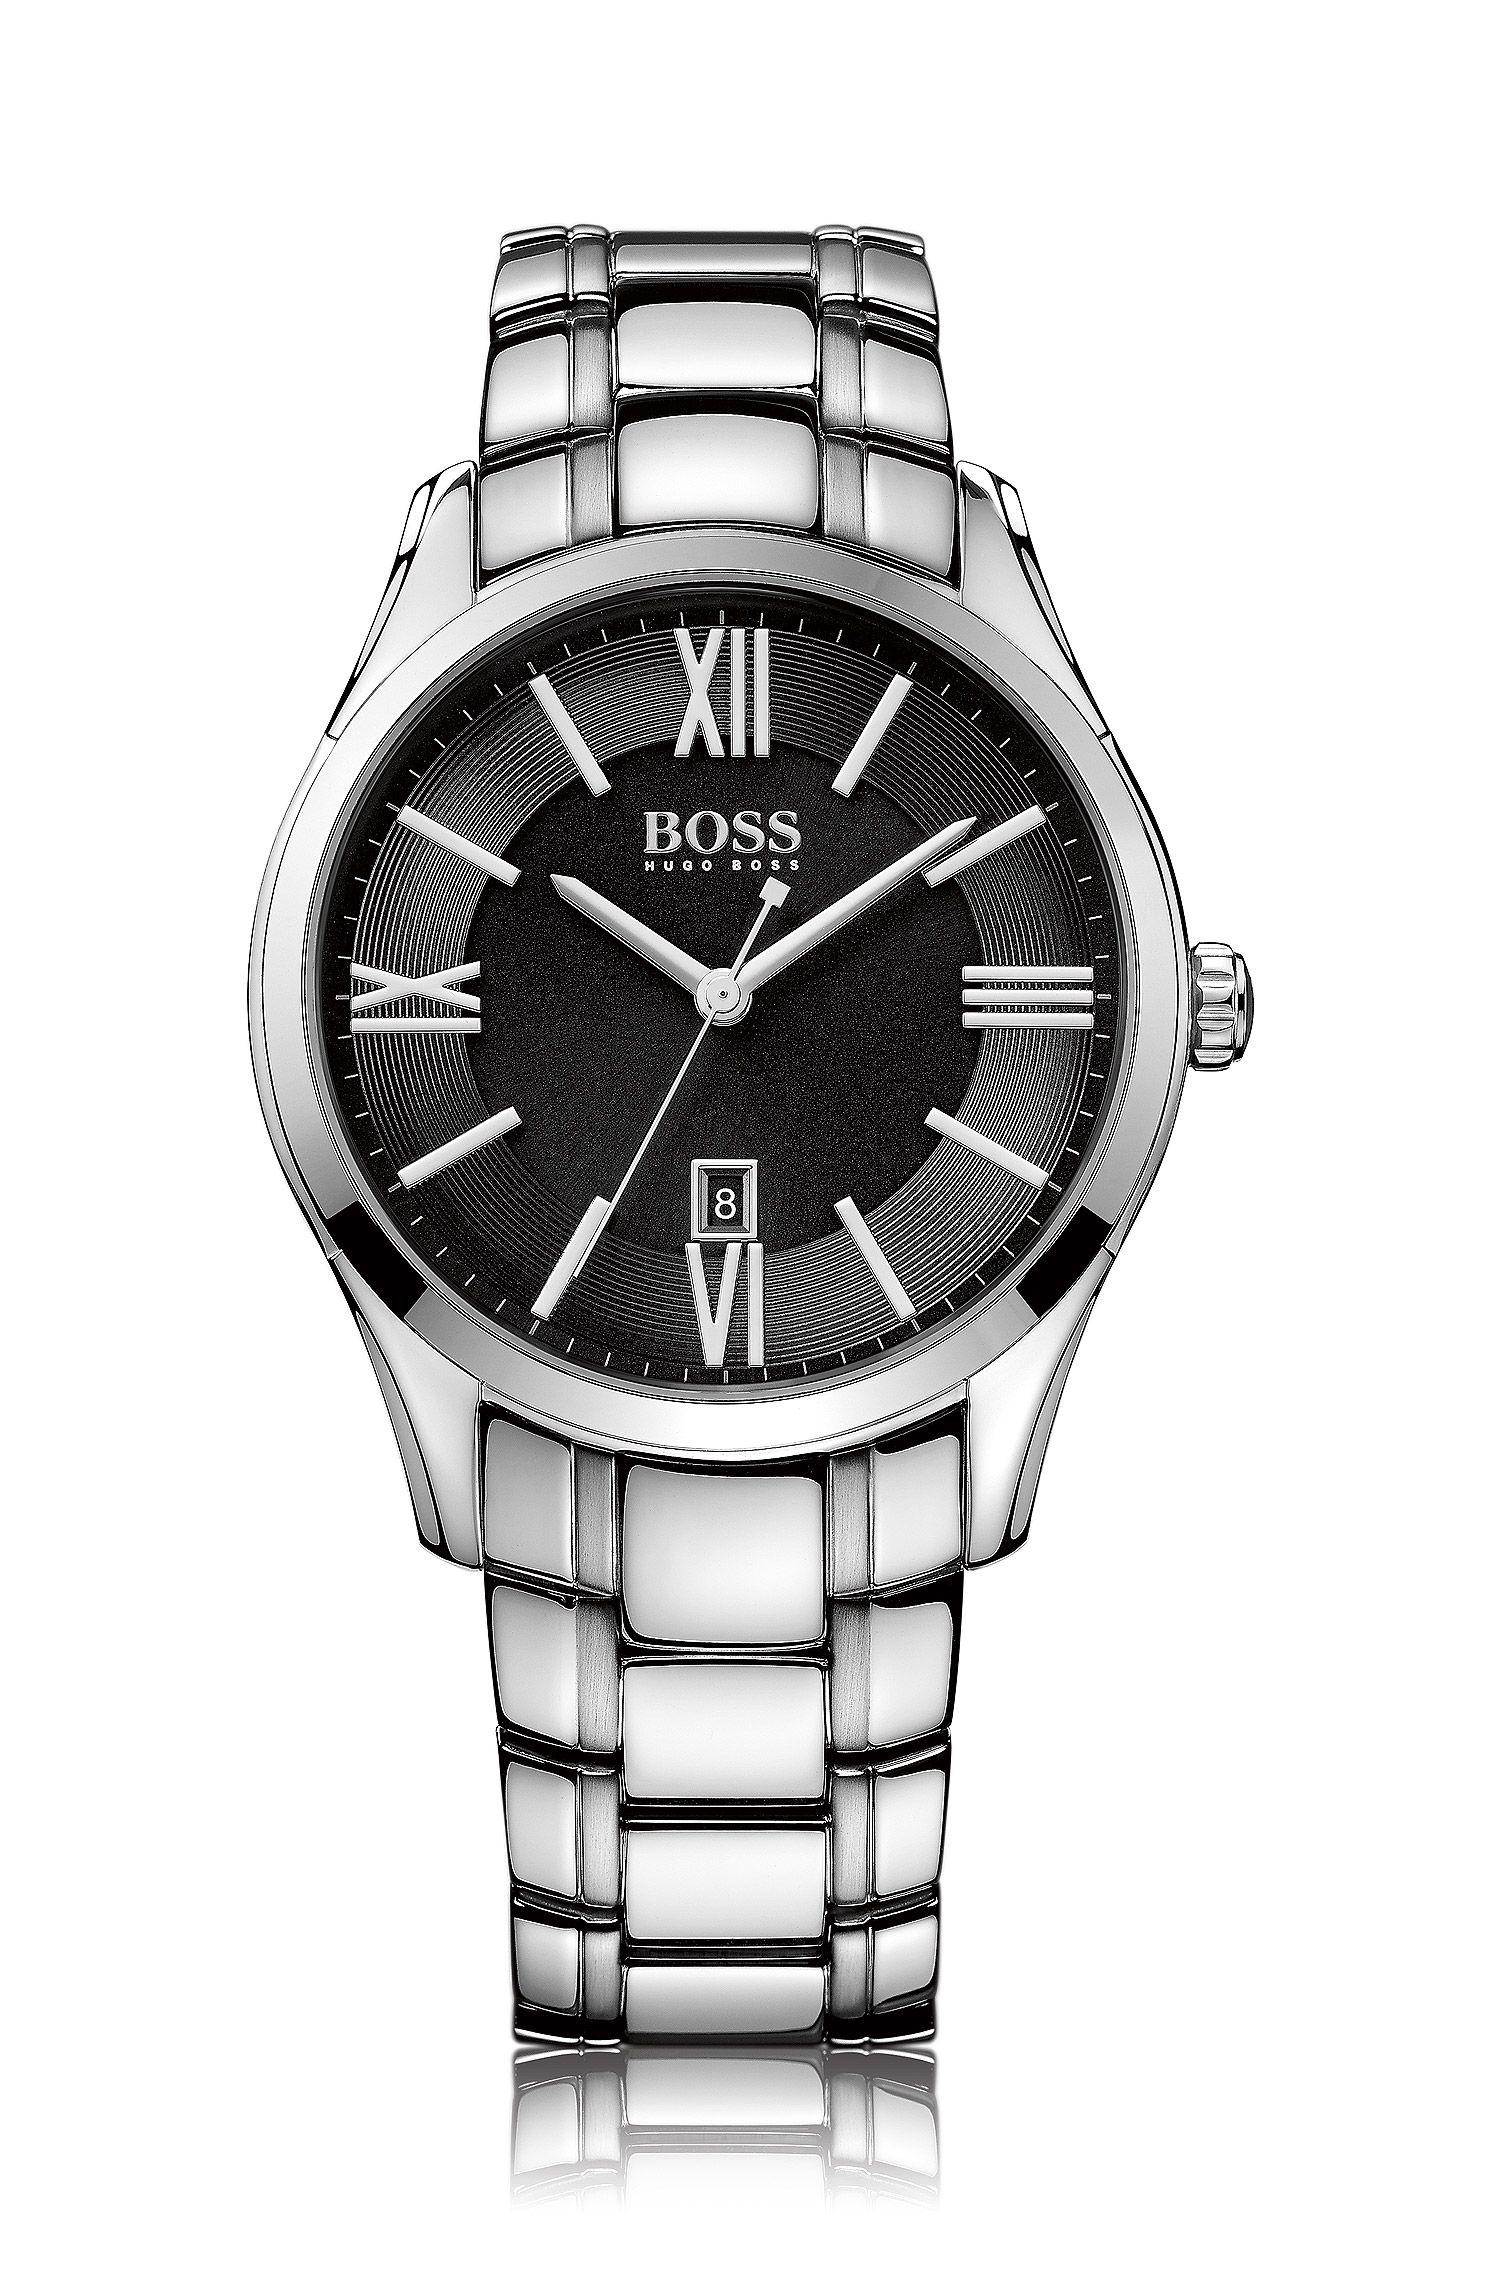 Reloj de acero inoxidable pulido con esfera negra satinada y pulsera estrecha